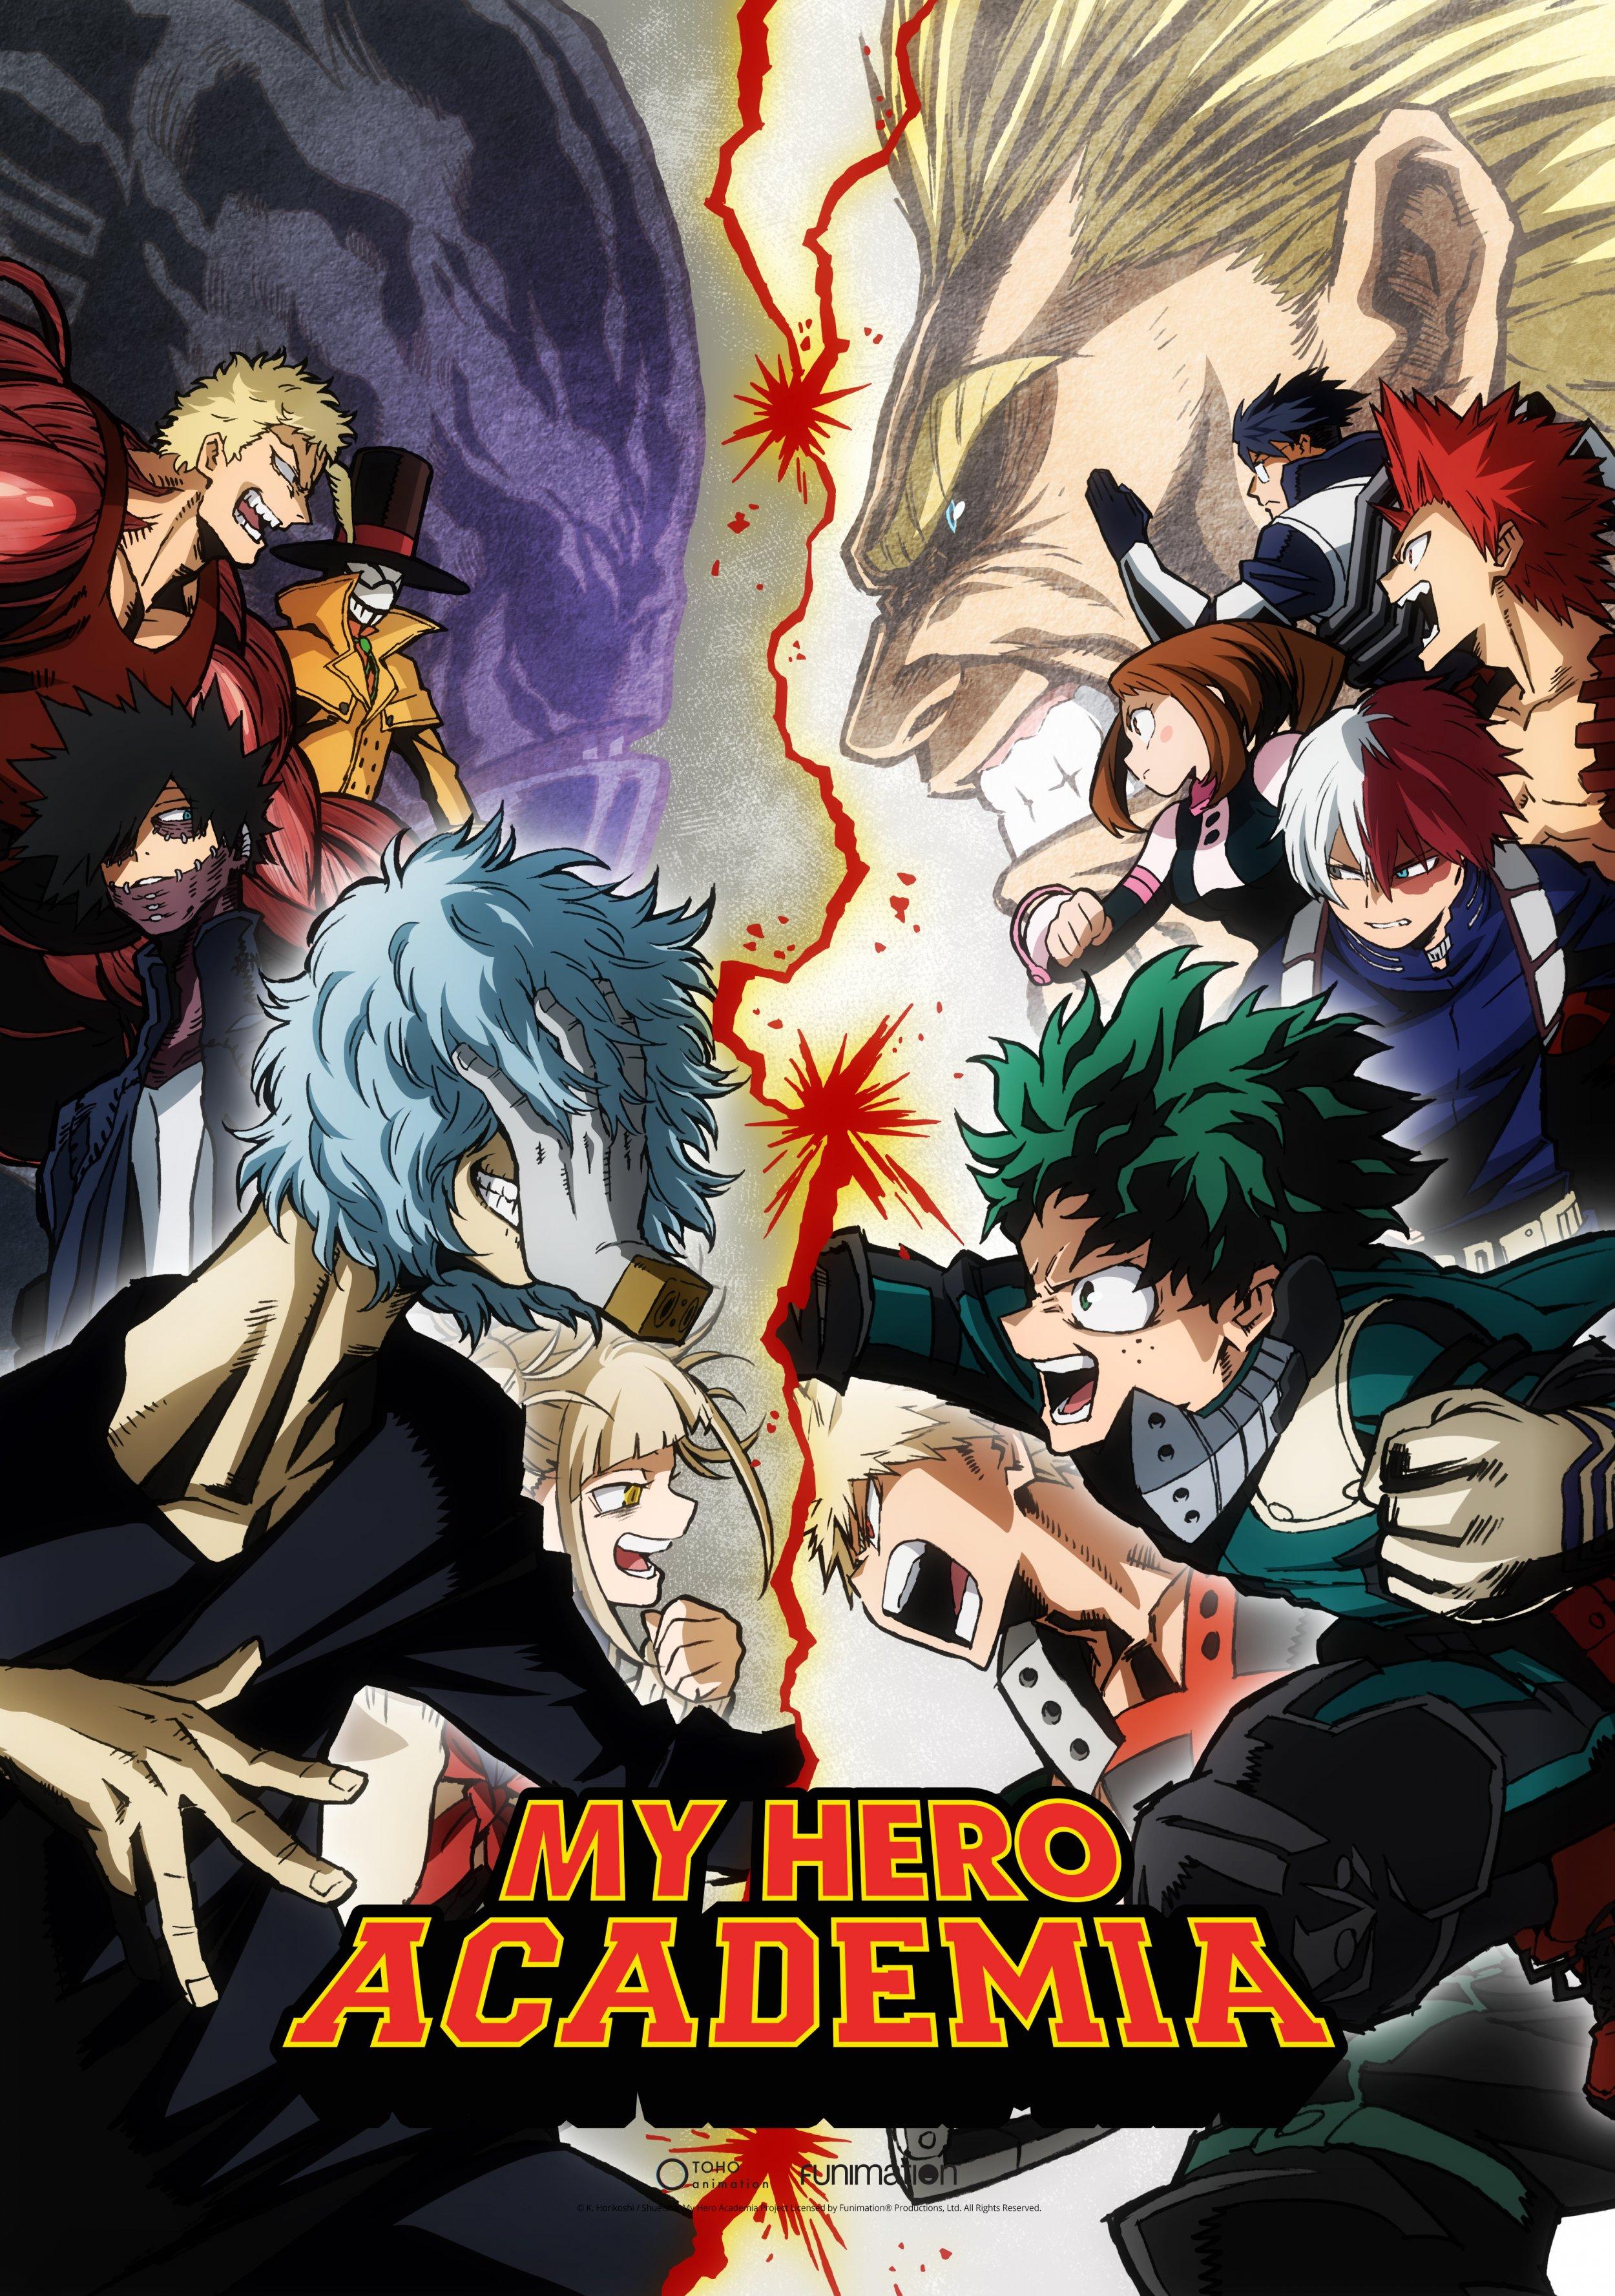 'My Hero Academia' Season 3 to Premiere April 7 on Funimation